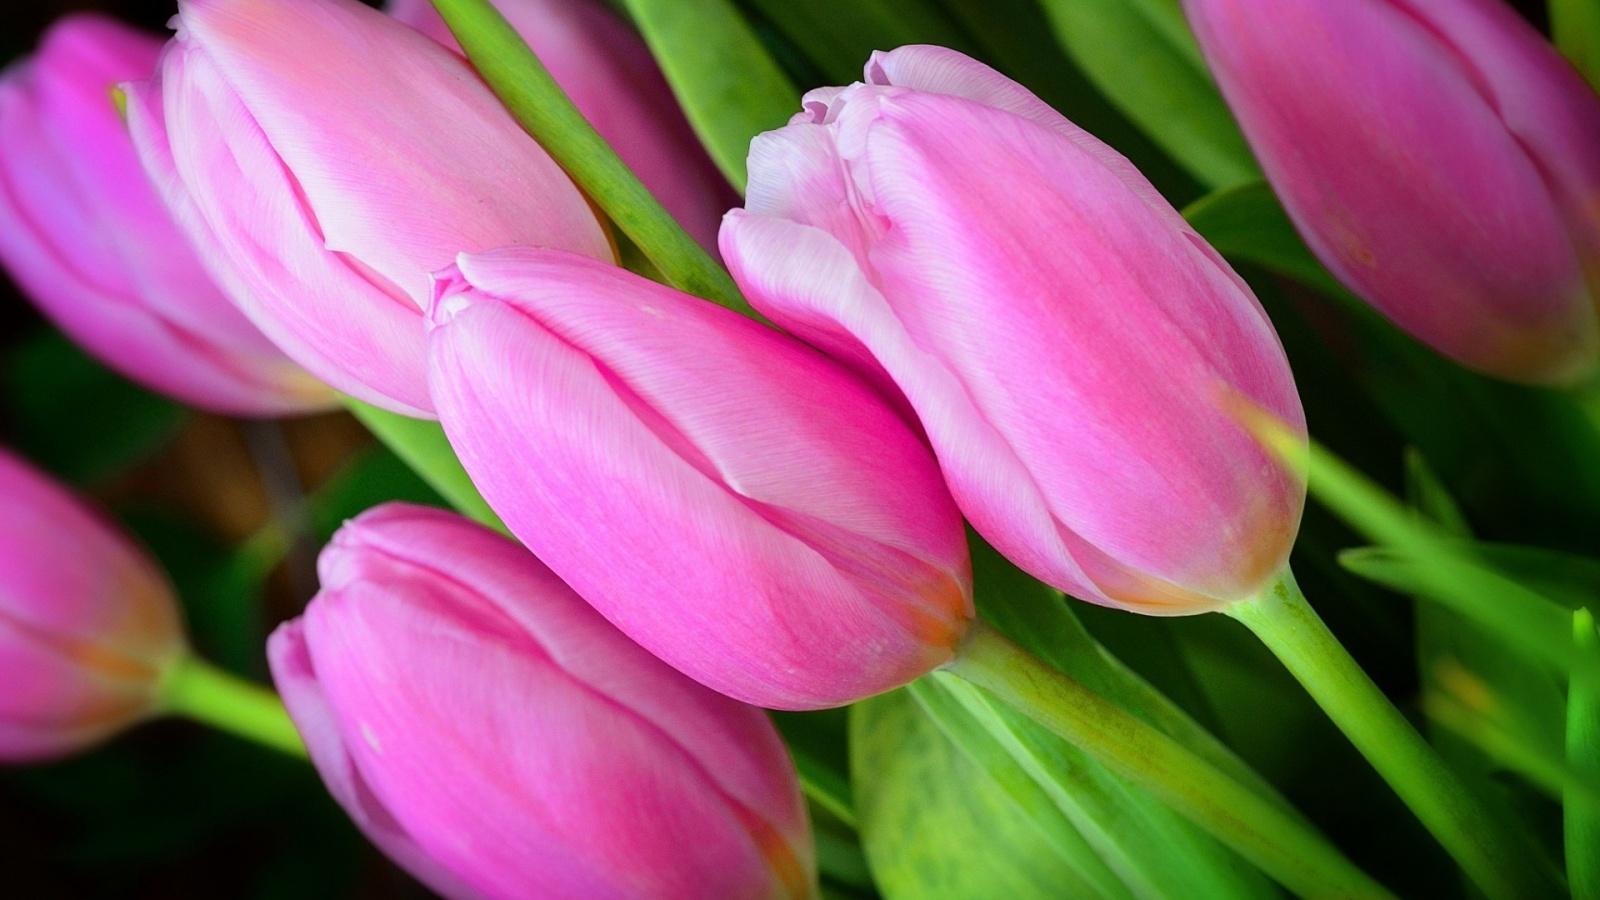 анализ фото на рабочий стол цветы тюльпаны писатель любил жизнь